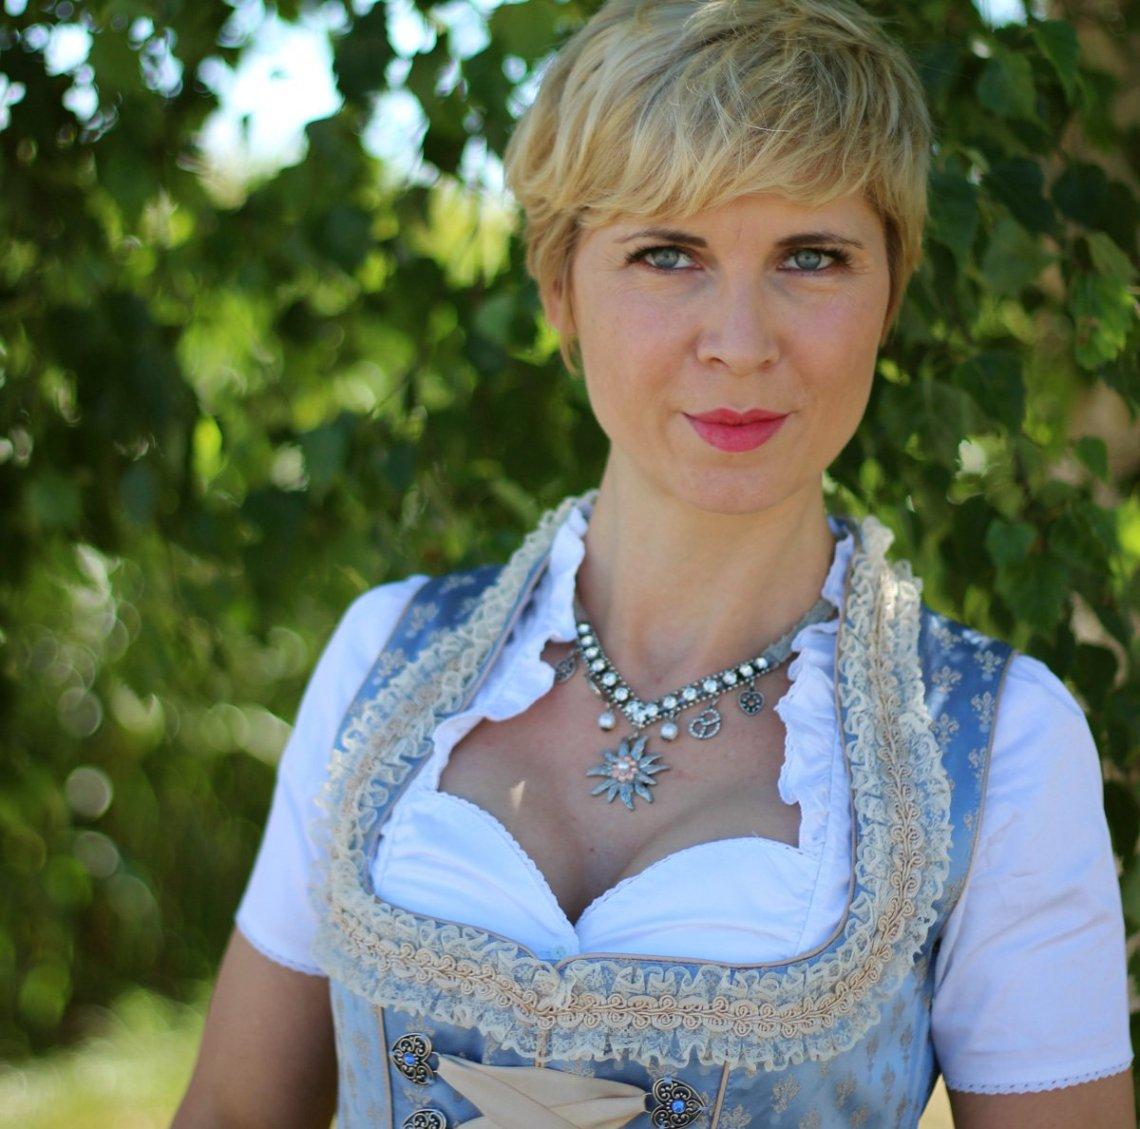 Conny doll lifestyle: Dirndl von WENZ, Amy Vermont, Oktoberfest 2018, Wiesn 2018, Volksfest Bayern, festliches Dirndl